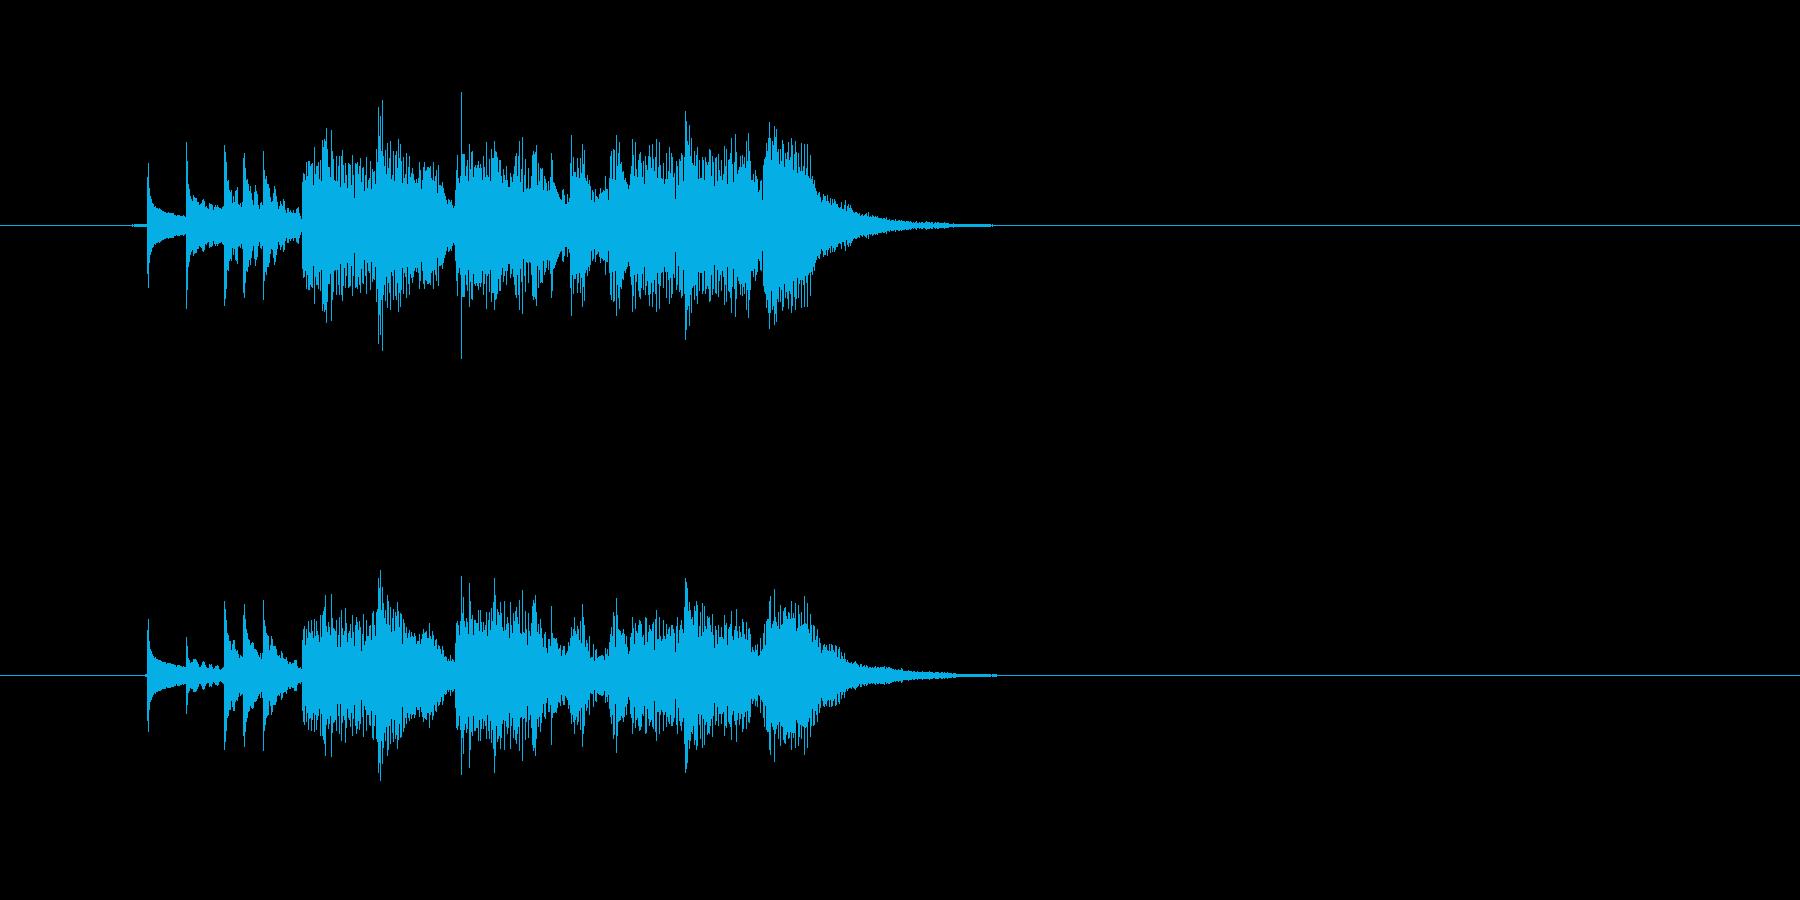 シンセサイザー 爽やか スタイリッシュの再生済みの波形